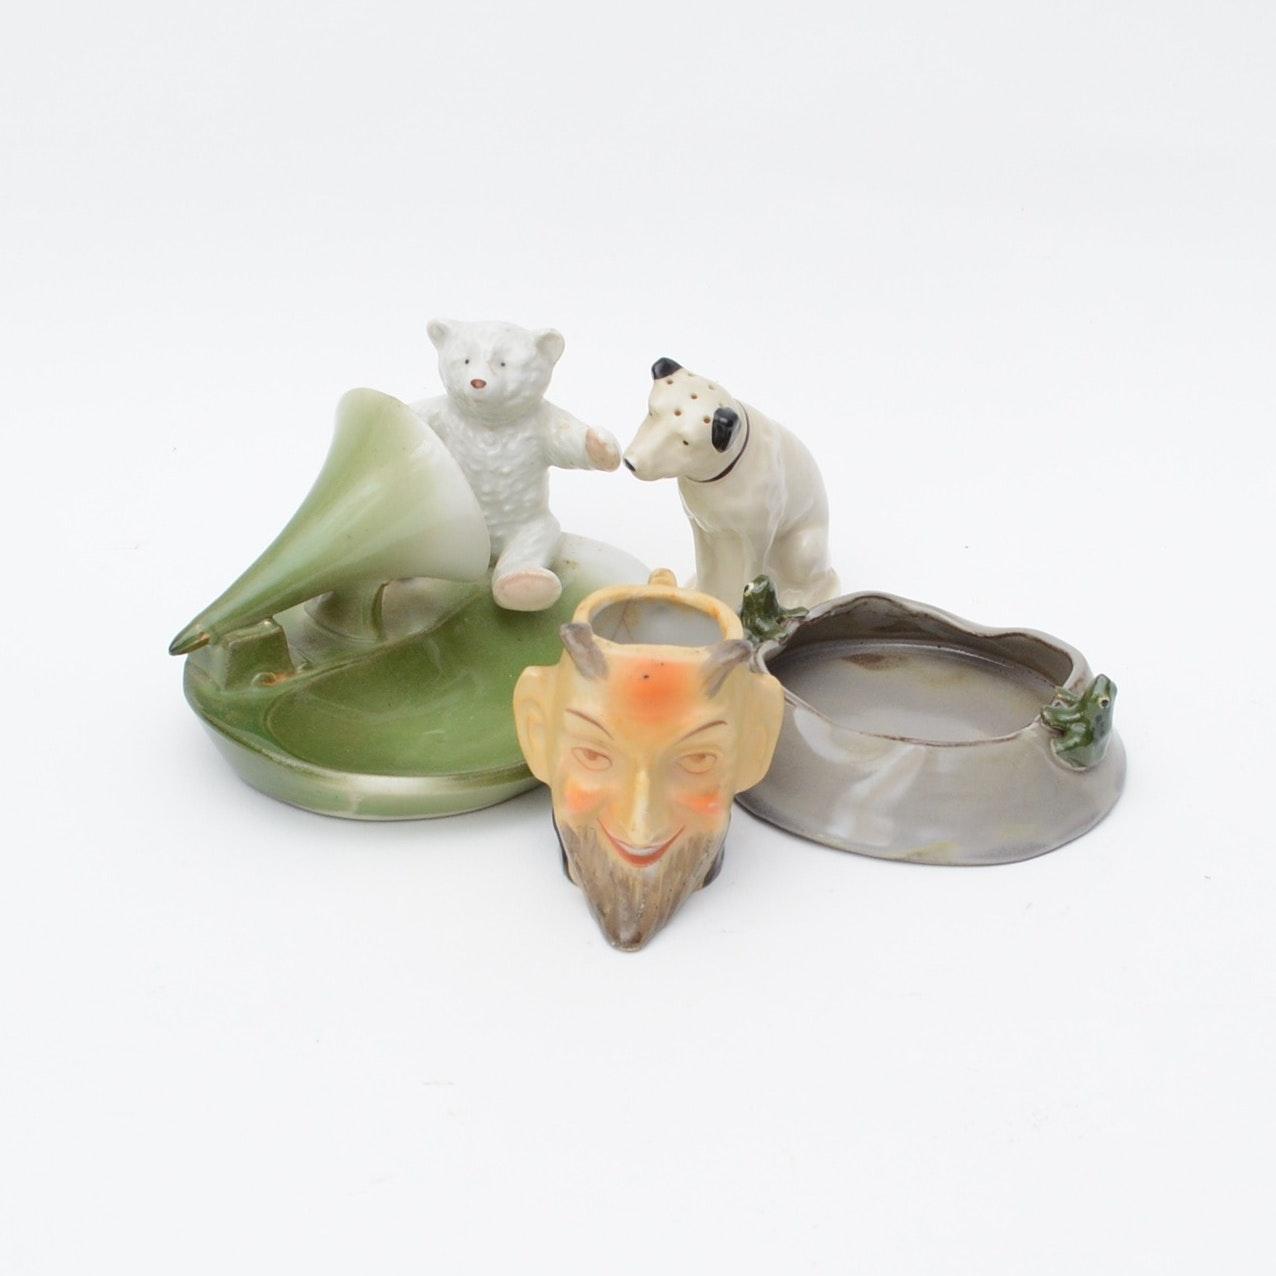 Vintage Ceramic Collectibles